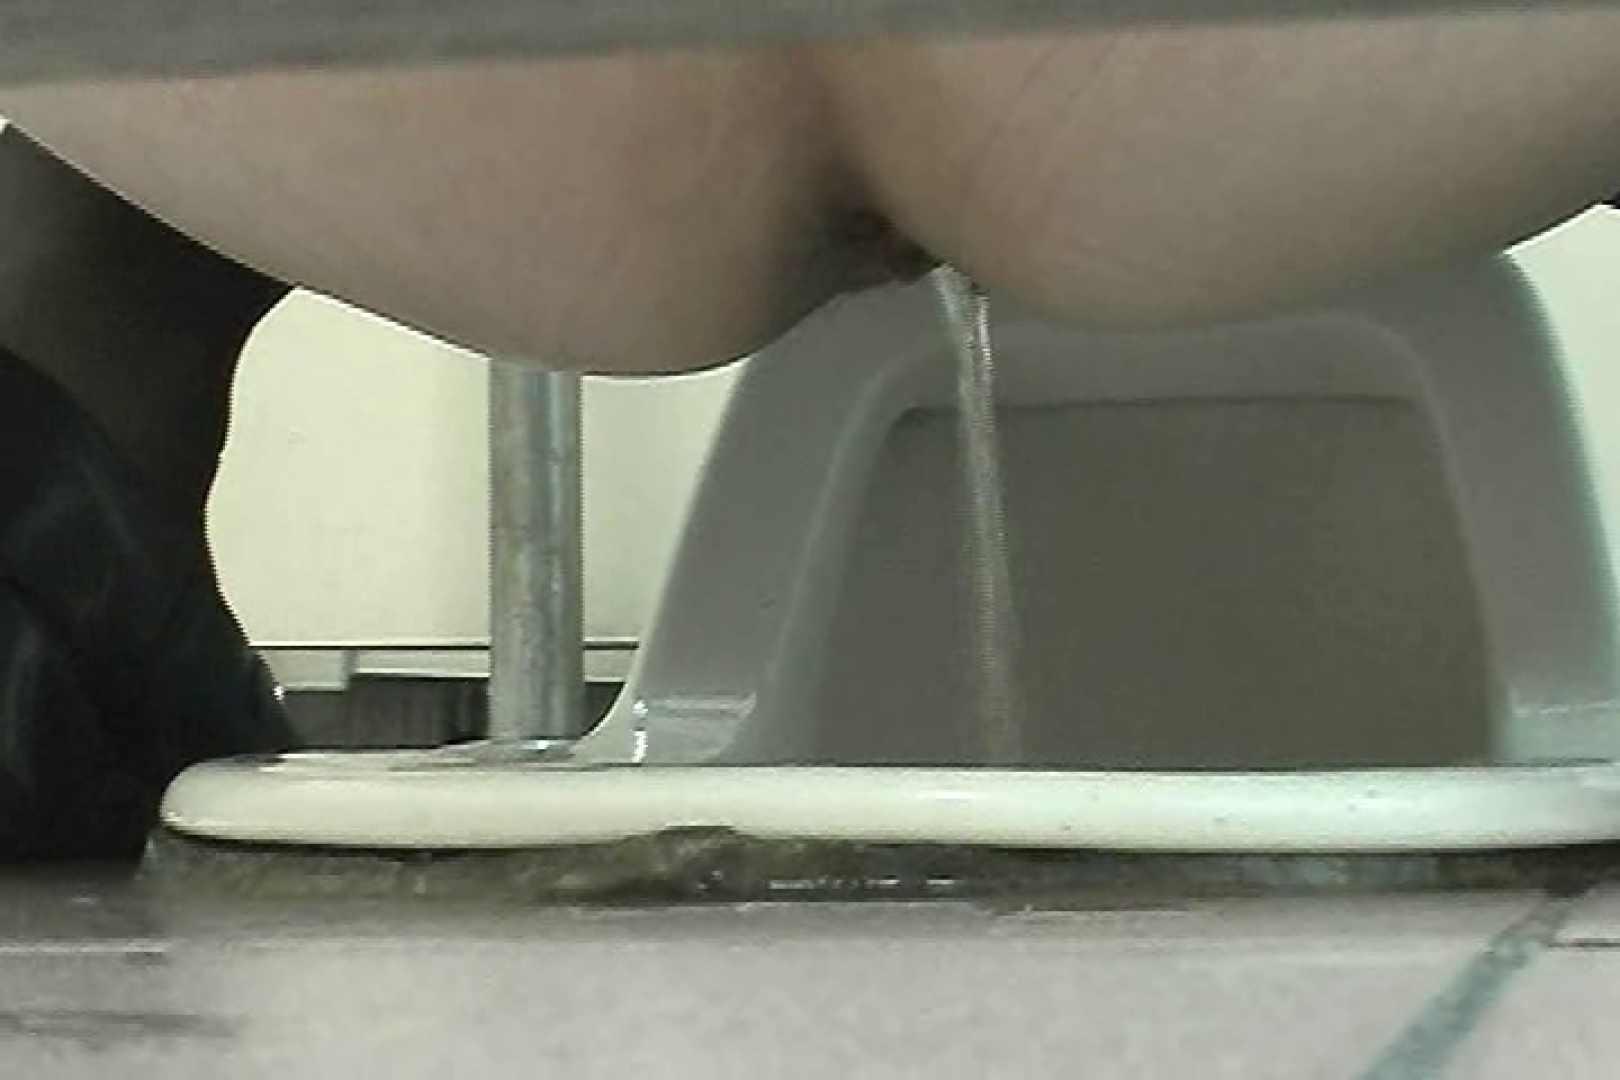 マンコ丸見え女子洗面所Vol.9 OLの実態 隠し撮りすけべAV動画紹介 78pic 67